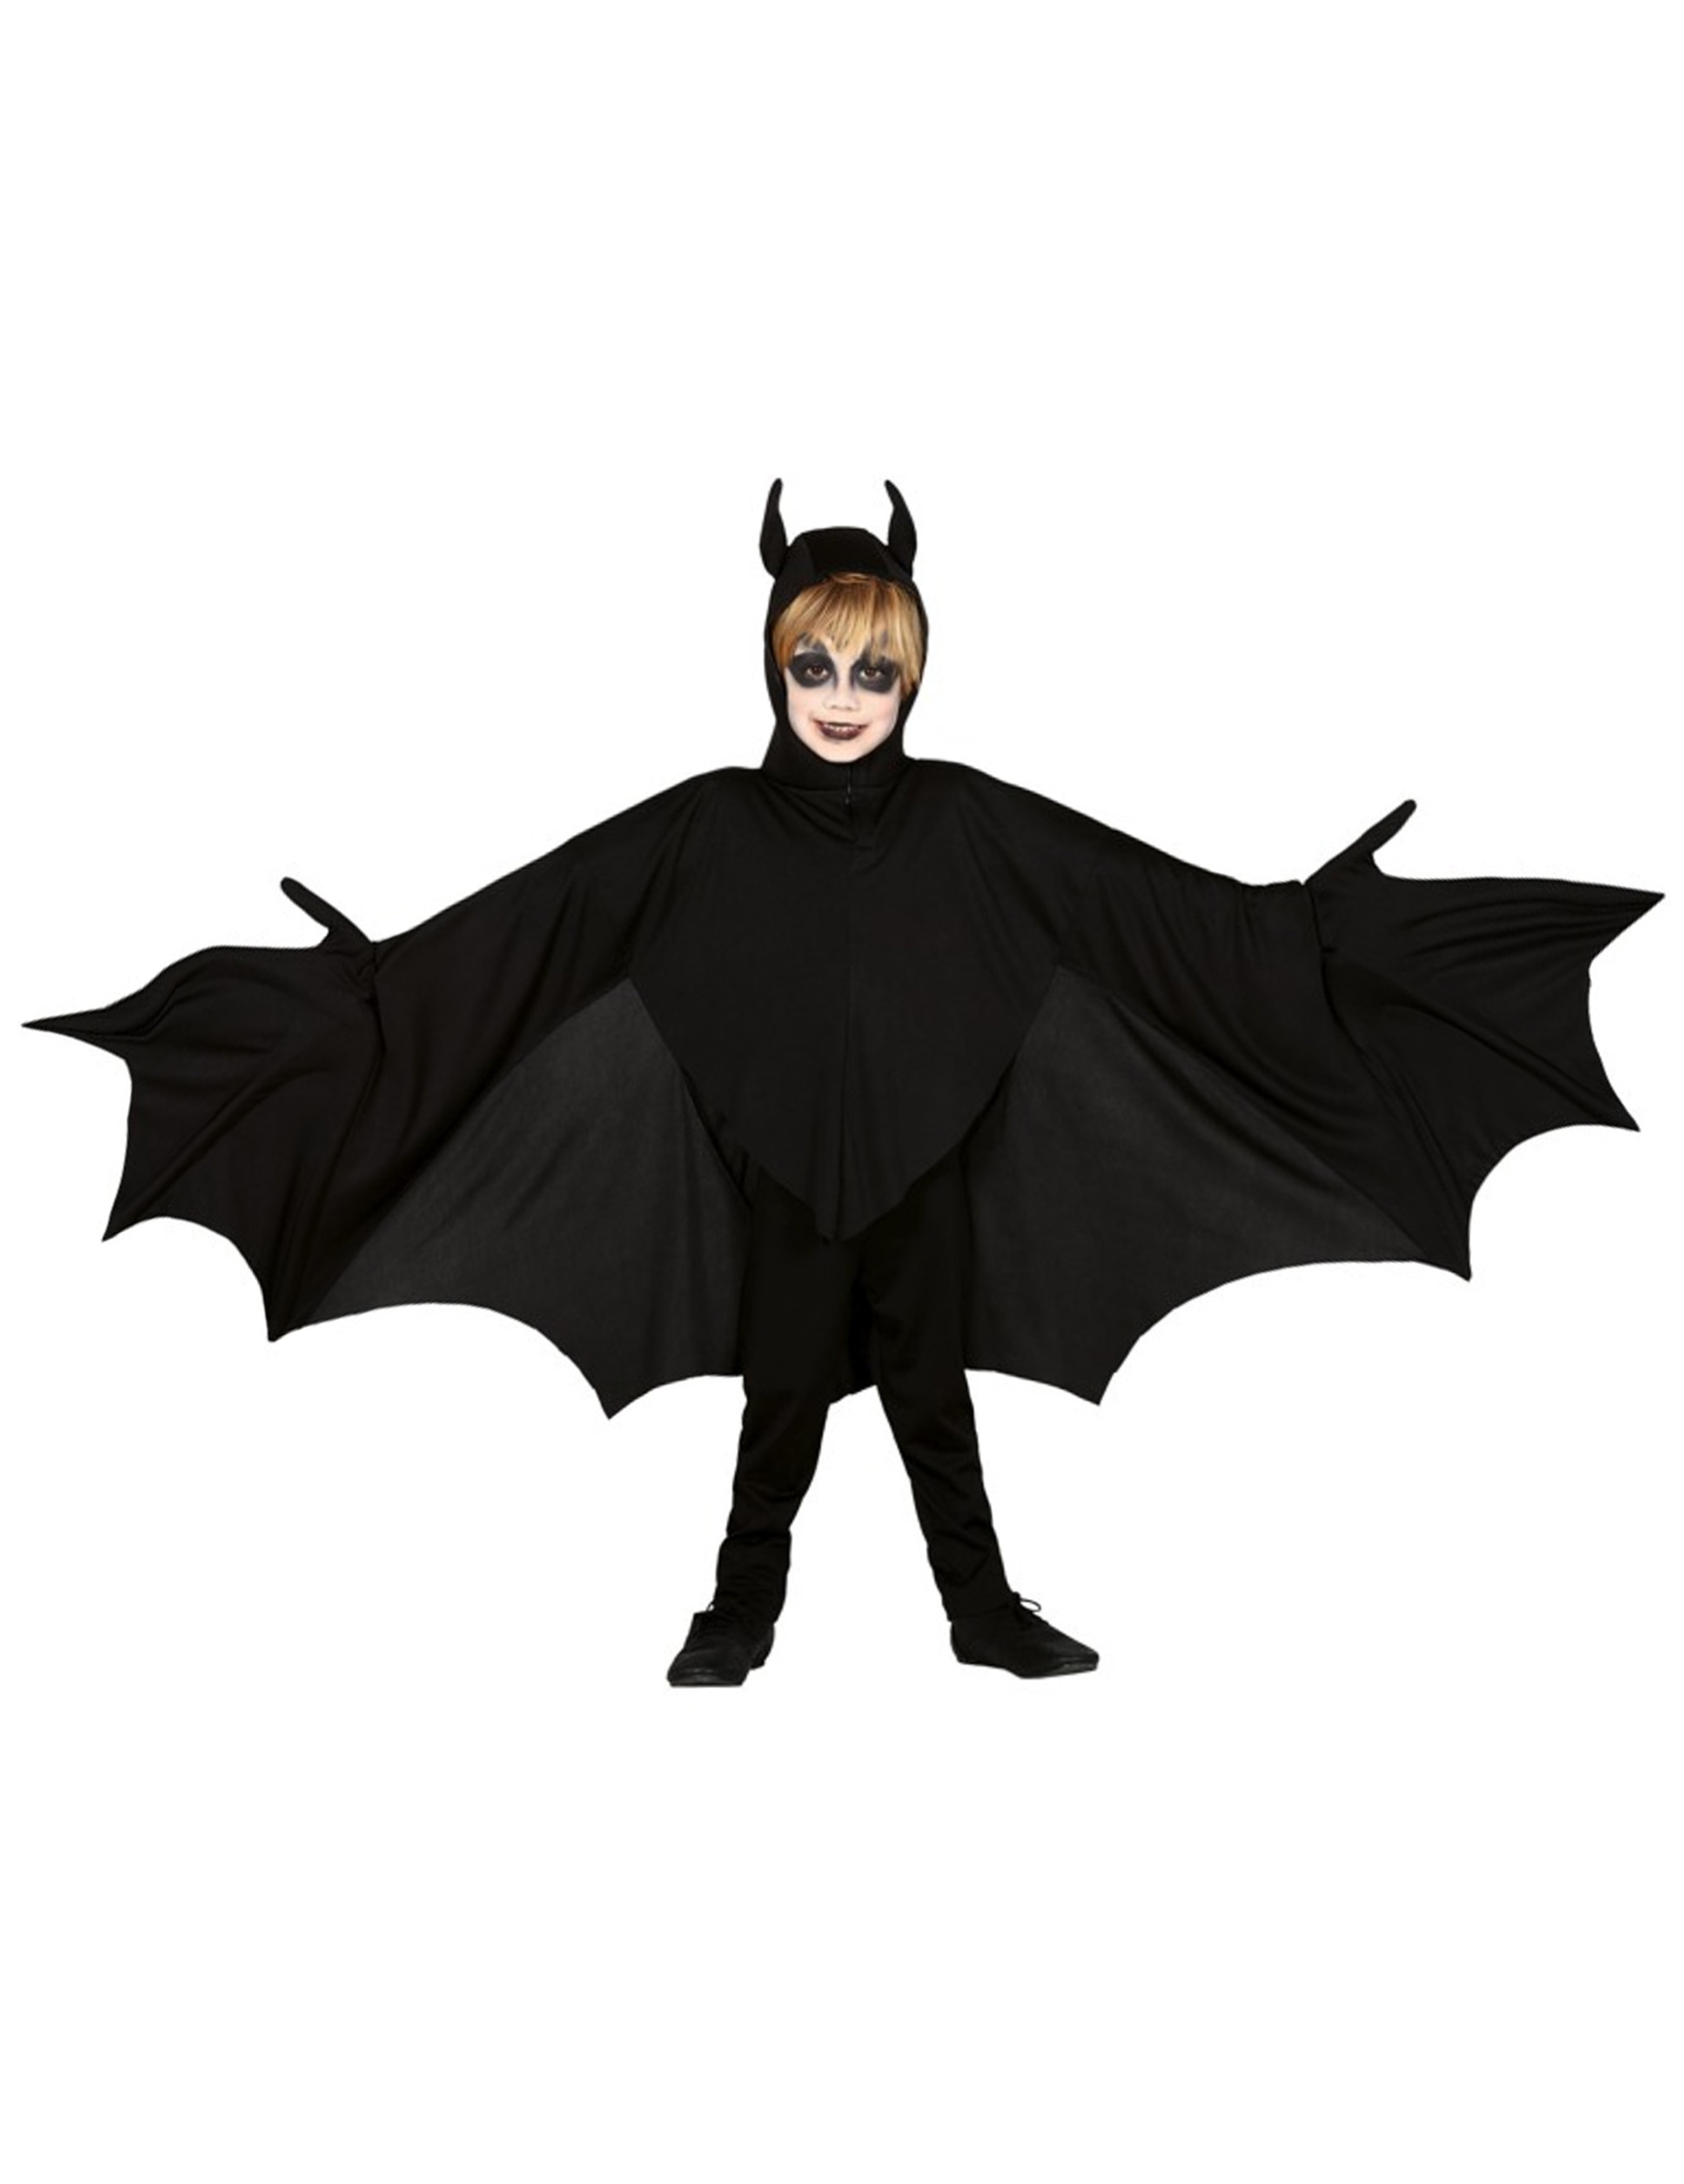 Gruseliges Fledermaus Kostum Fur Kinder Halloween Kostum Schwarz